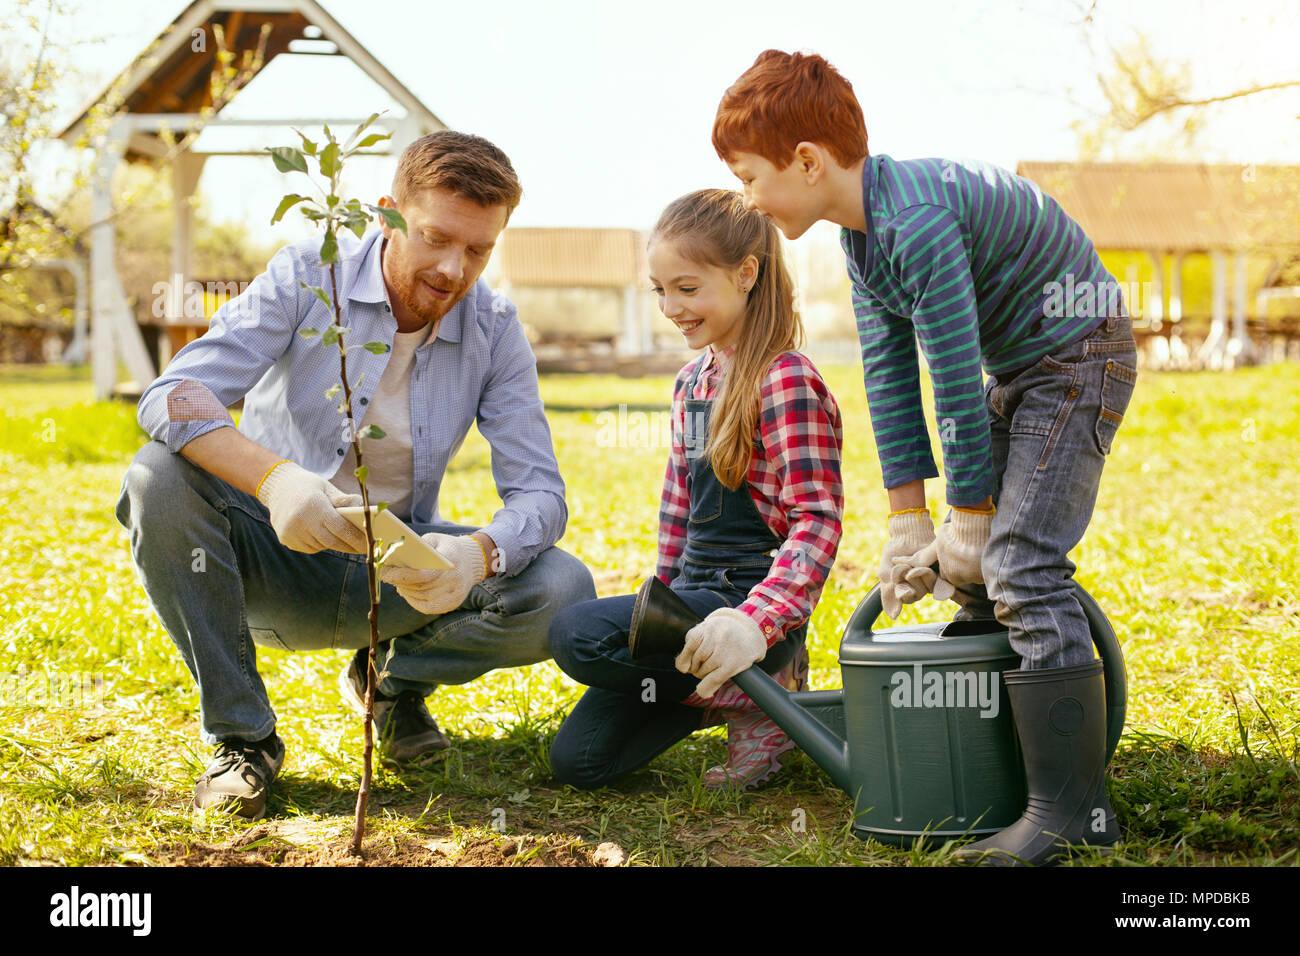 Frohe, glückliche Familie zusammen sein Stockbild